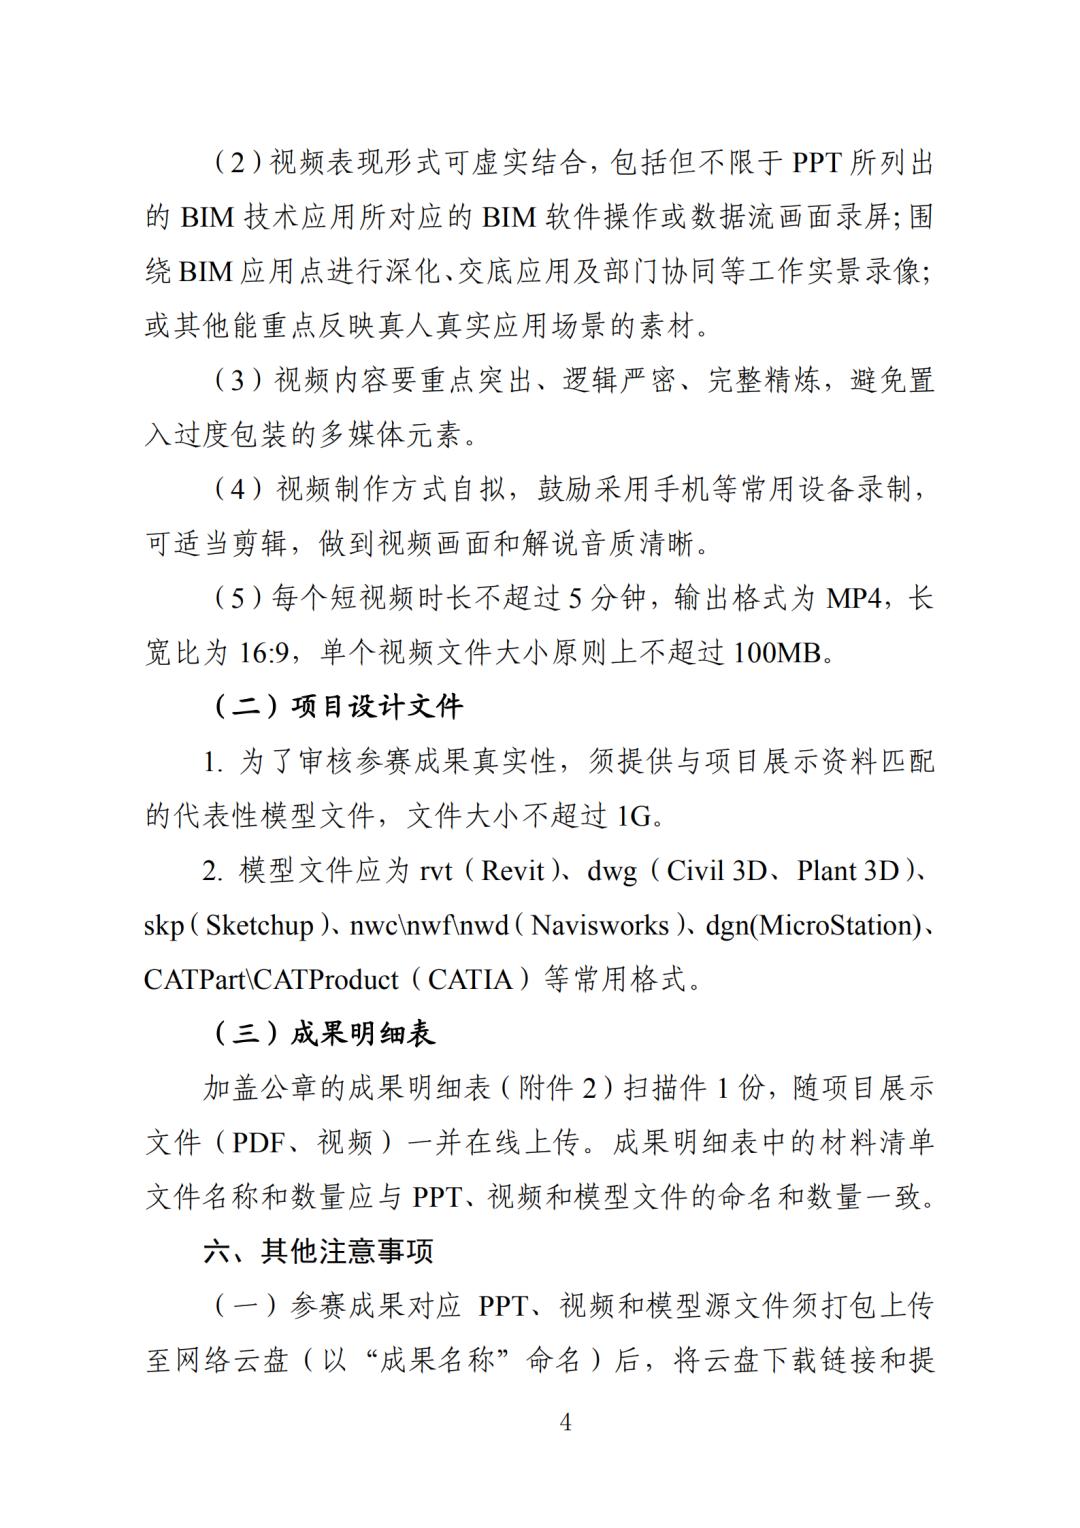 中施企协:关于举办第二届工程建设行业BIM大赛的通知